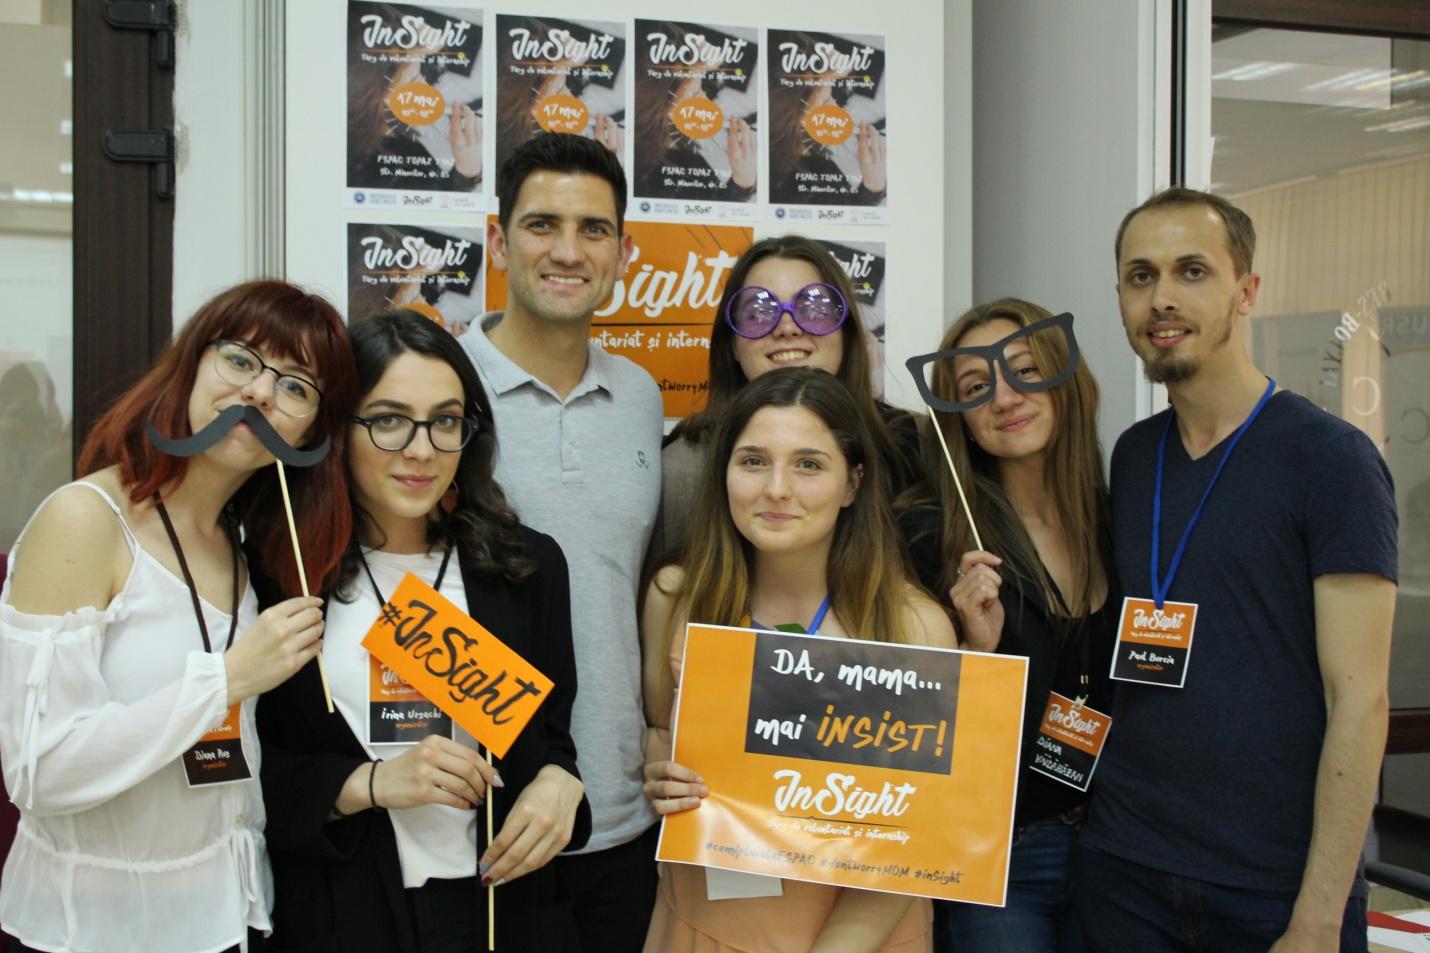 200 de studenți de la UBB au interacționat cu 22 de companii și organizații la primul târg de voluntariat și internship din Cluj-Napoca, creat de studenți pentru studenți